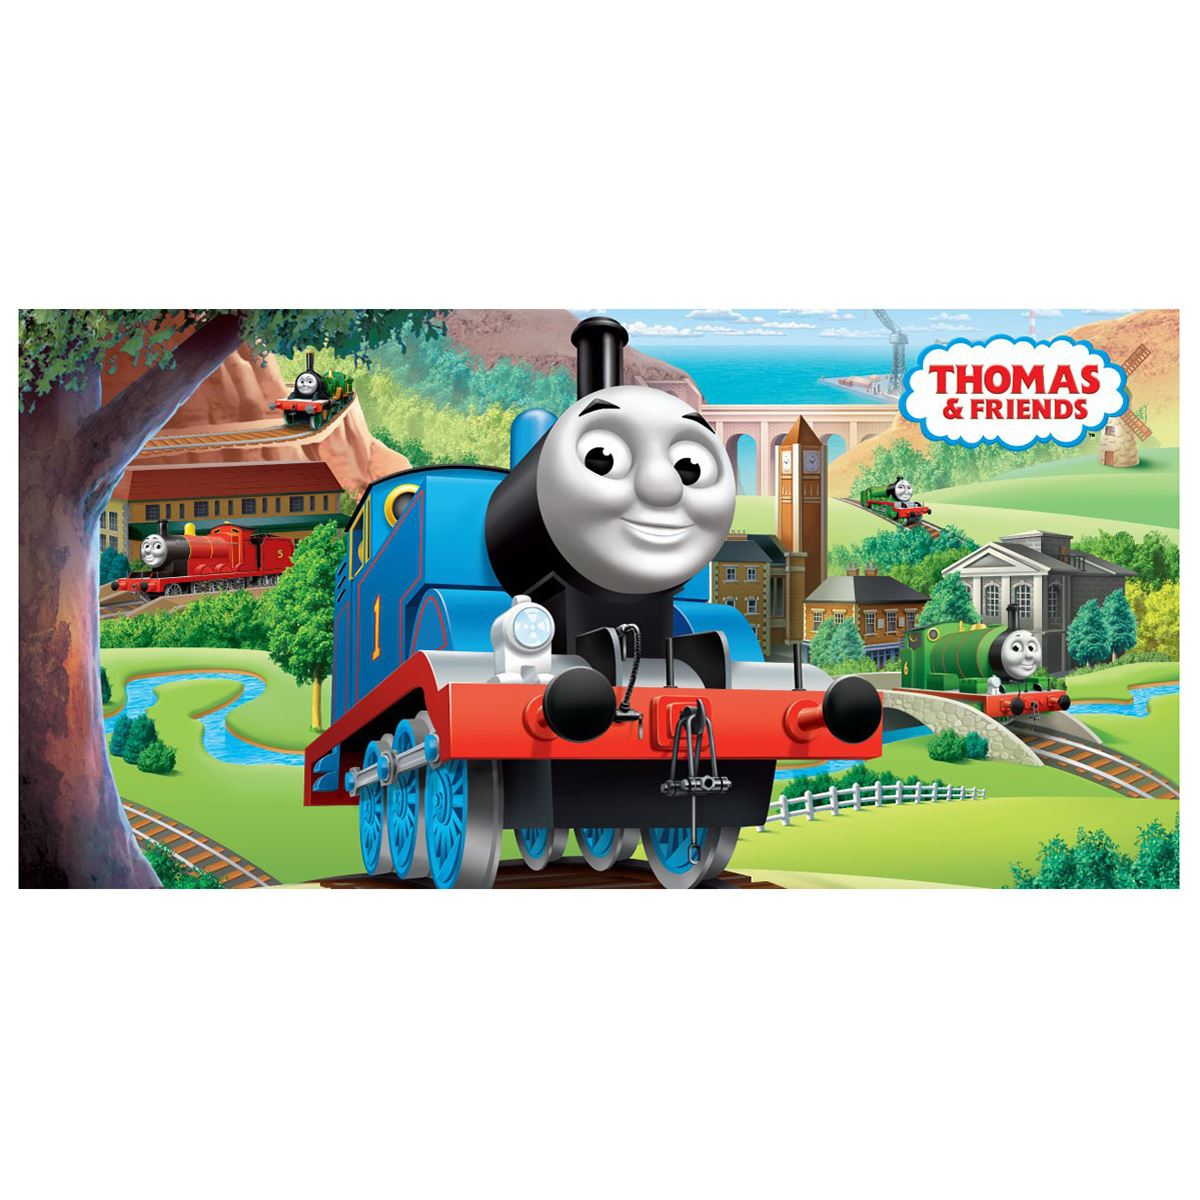 Personnage-Serviette-Coton-Garcons-Filles-Disney-Cars-Wwe-Trolls-Thomas-amp miniature 43